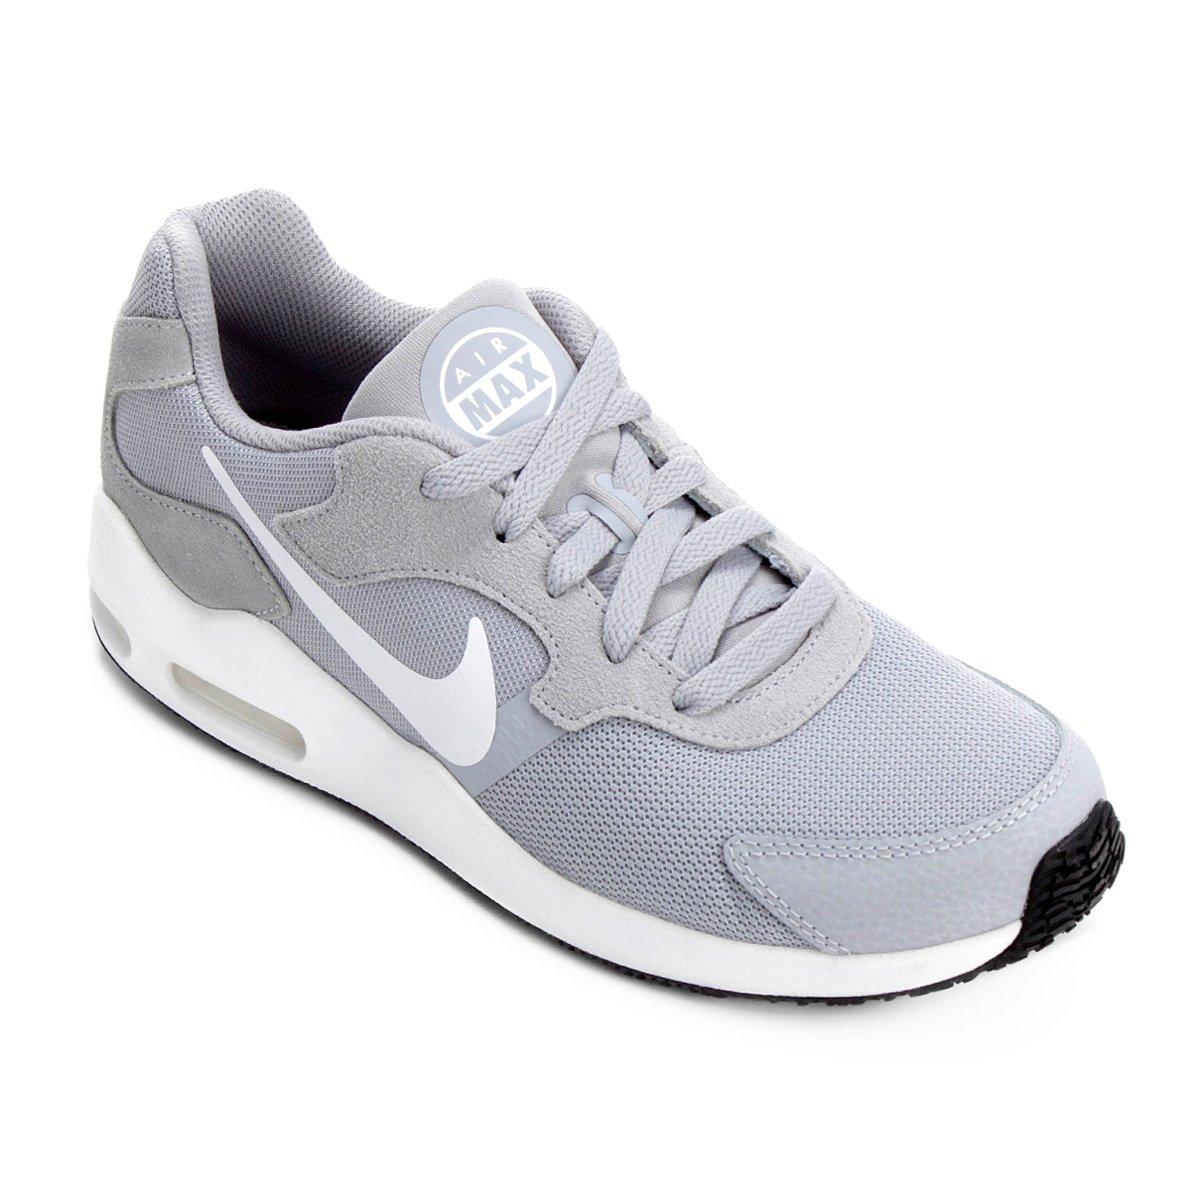 53cc5111dae Tênis Nike Air Max Guile Masculino - Cinza - Compre Agora